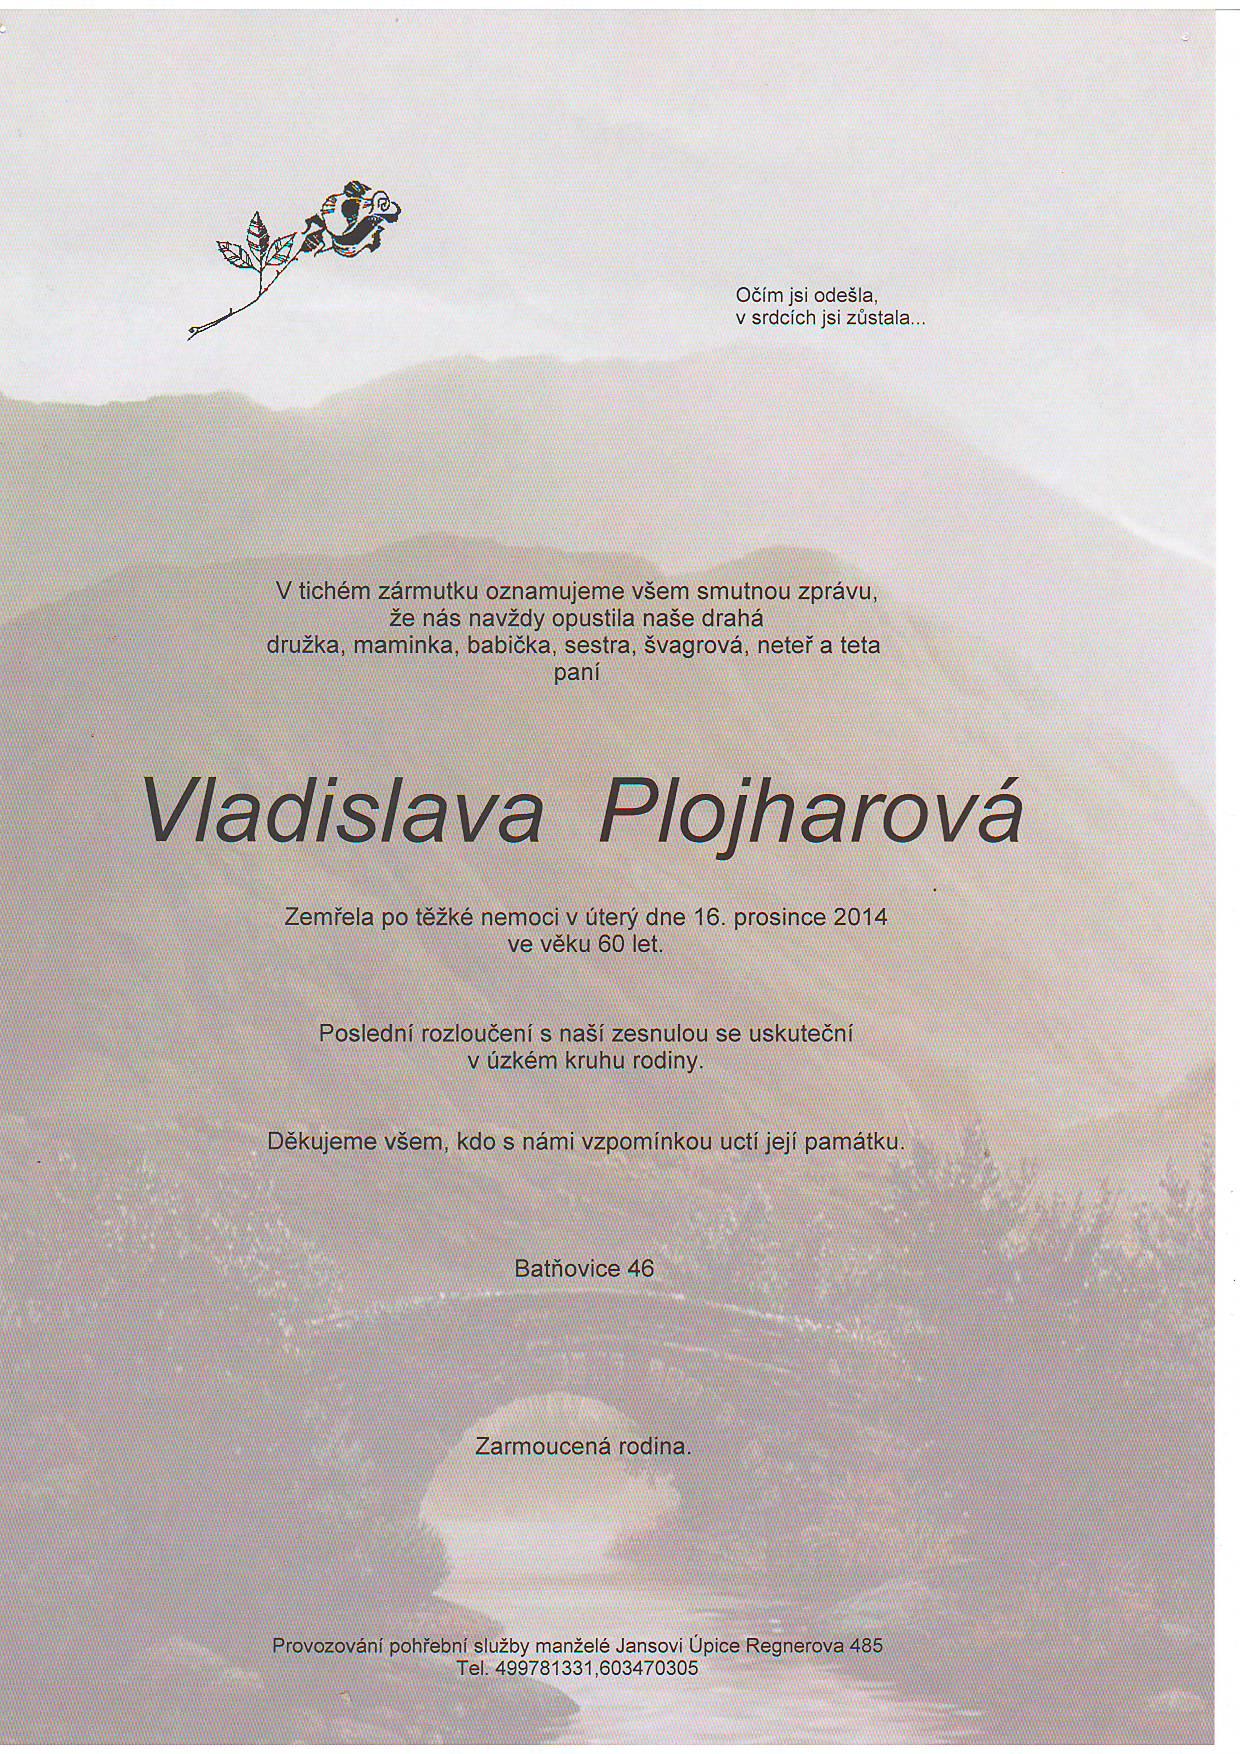 plojharova